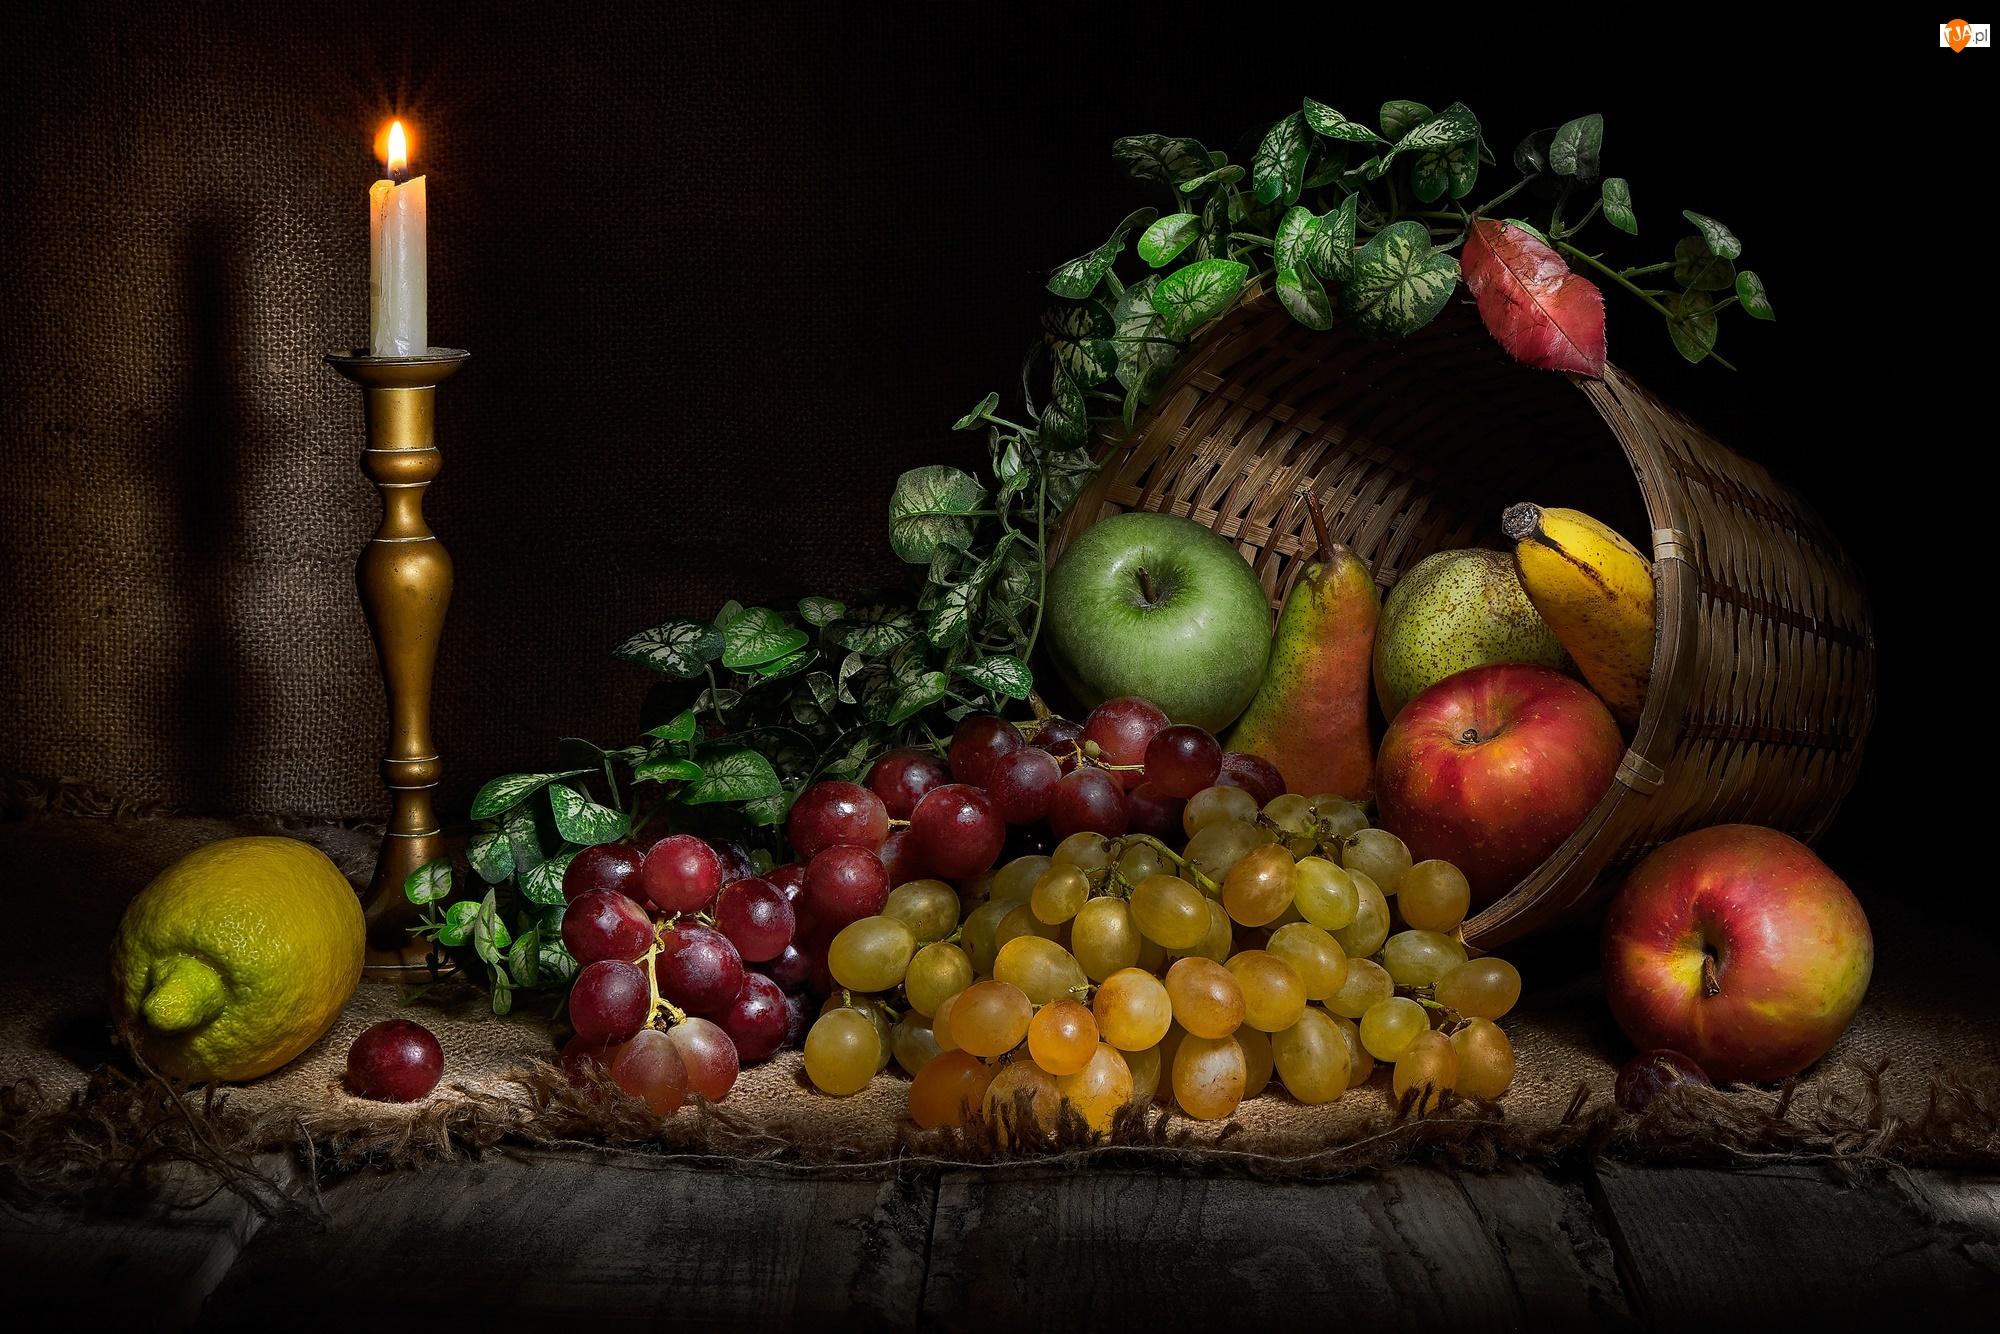 Kompozycja, Owoce, Świeca, Banan, Gruszki, Winogrona, Jabłka, Kosz, Cytryna